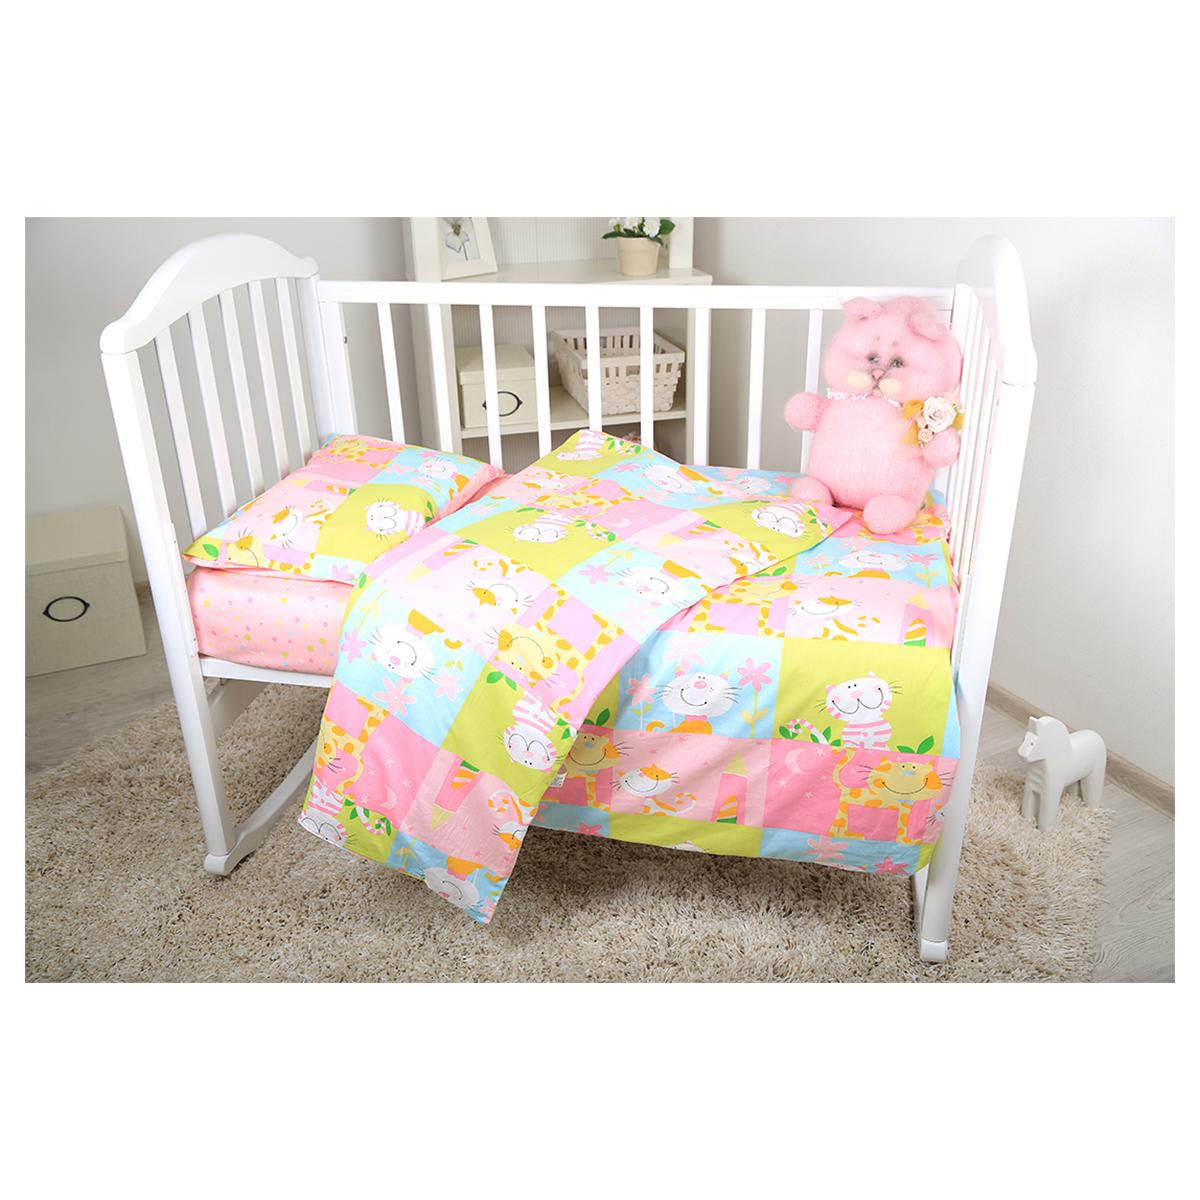 Baby Nice Комплект белья для новорожденных Веселые котята цвет розовыйВ 40010Нежный сатин делает детское постельное белье мягкими и шелковистыми. Красивое детское постельное белье помогает детям заснуть: они с удовольствием ложатся в кроватку и просыпаются в хорошем настроении. Этому способствуют и замечательные характеристики сатина: гипоаллергенность, отличный влаго- и теплообмен. наволочка 40х60, пододеяльник 112х147,простынь на резинке для матраса 60х120.